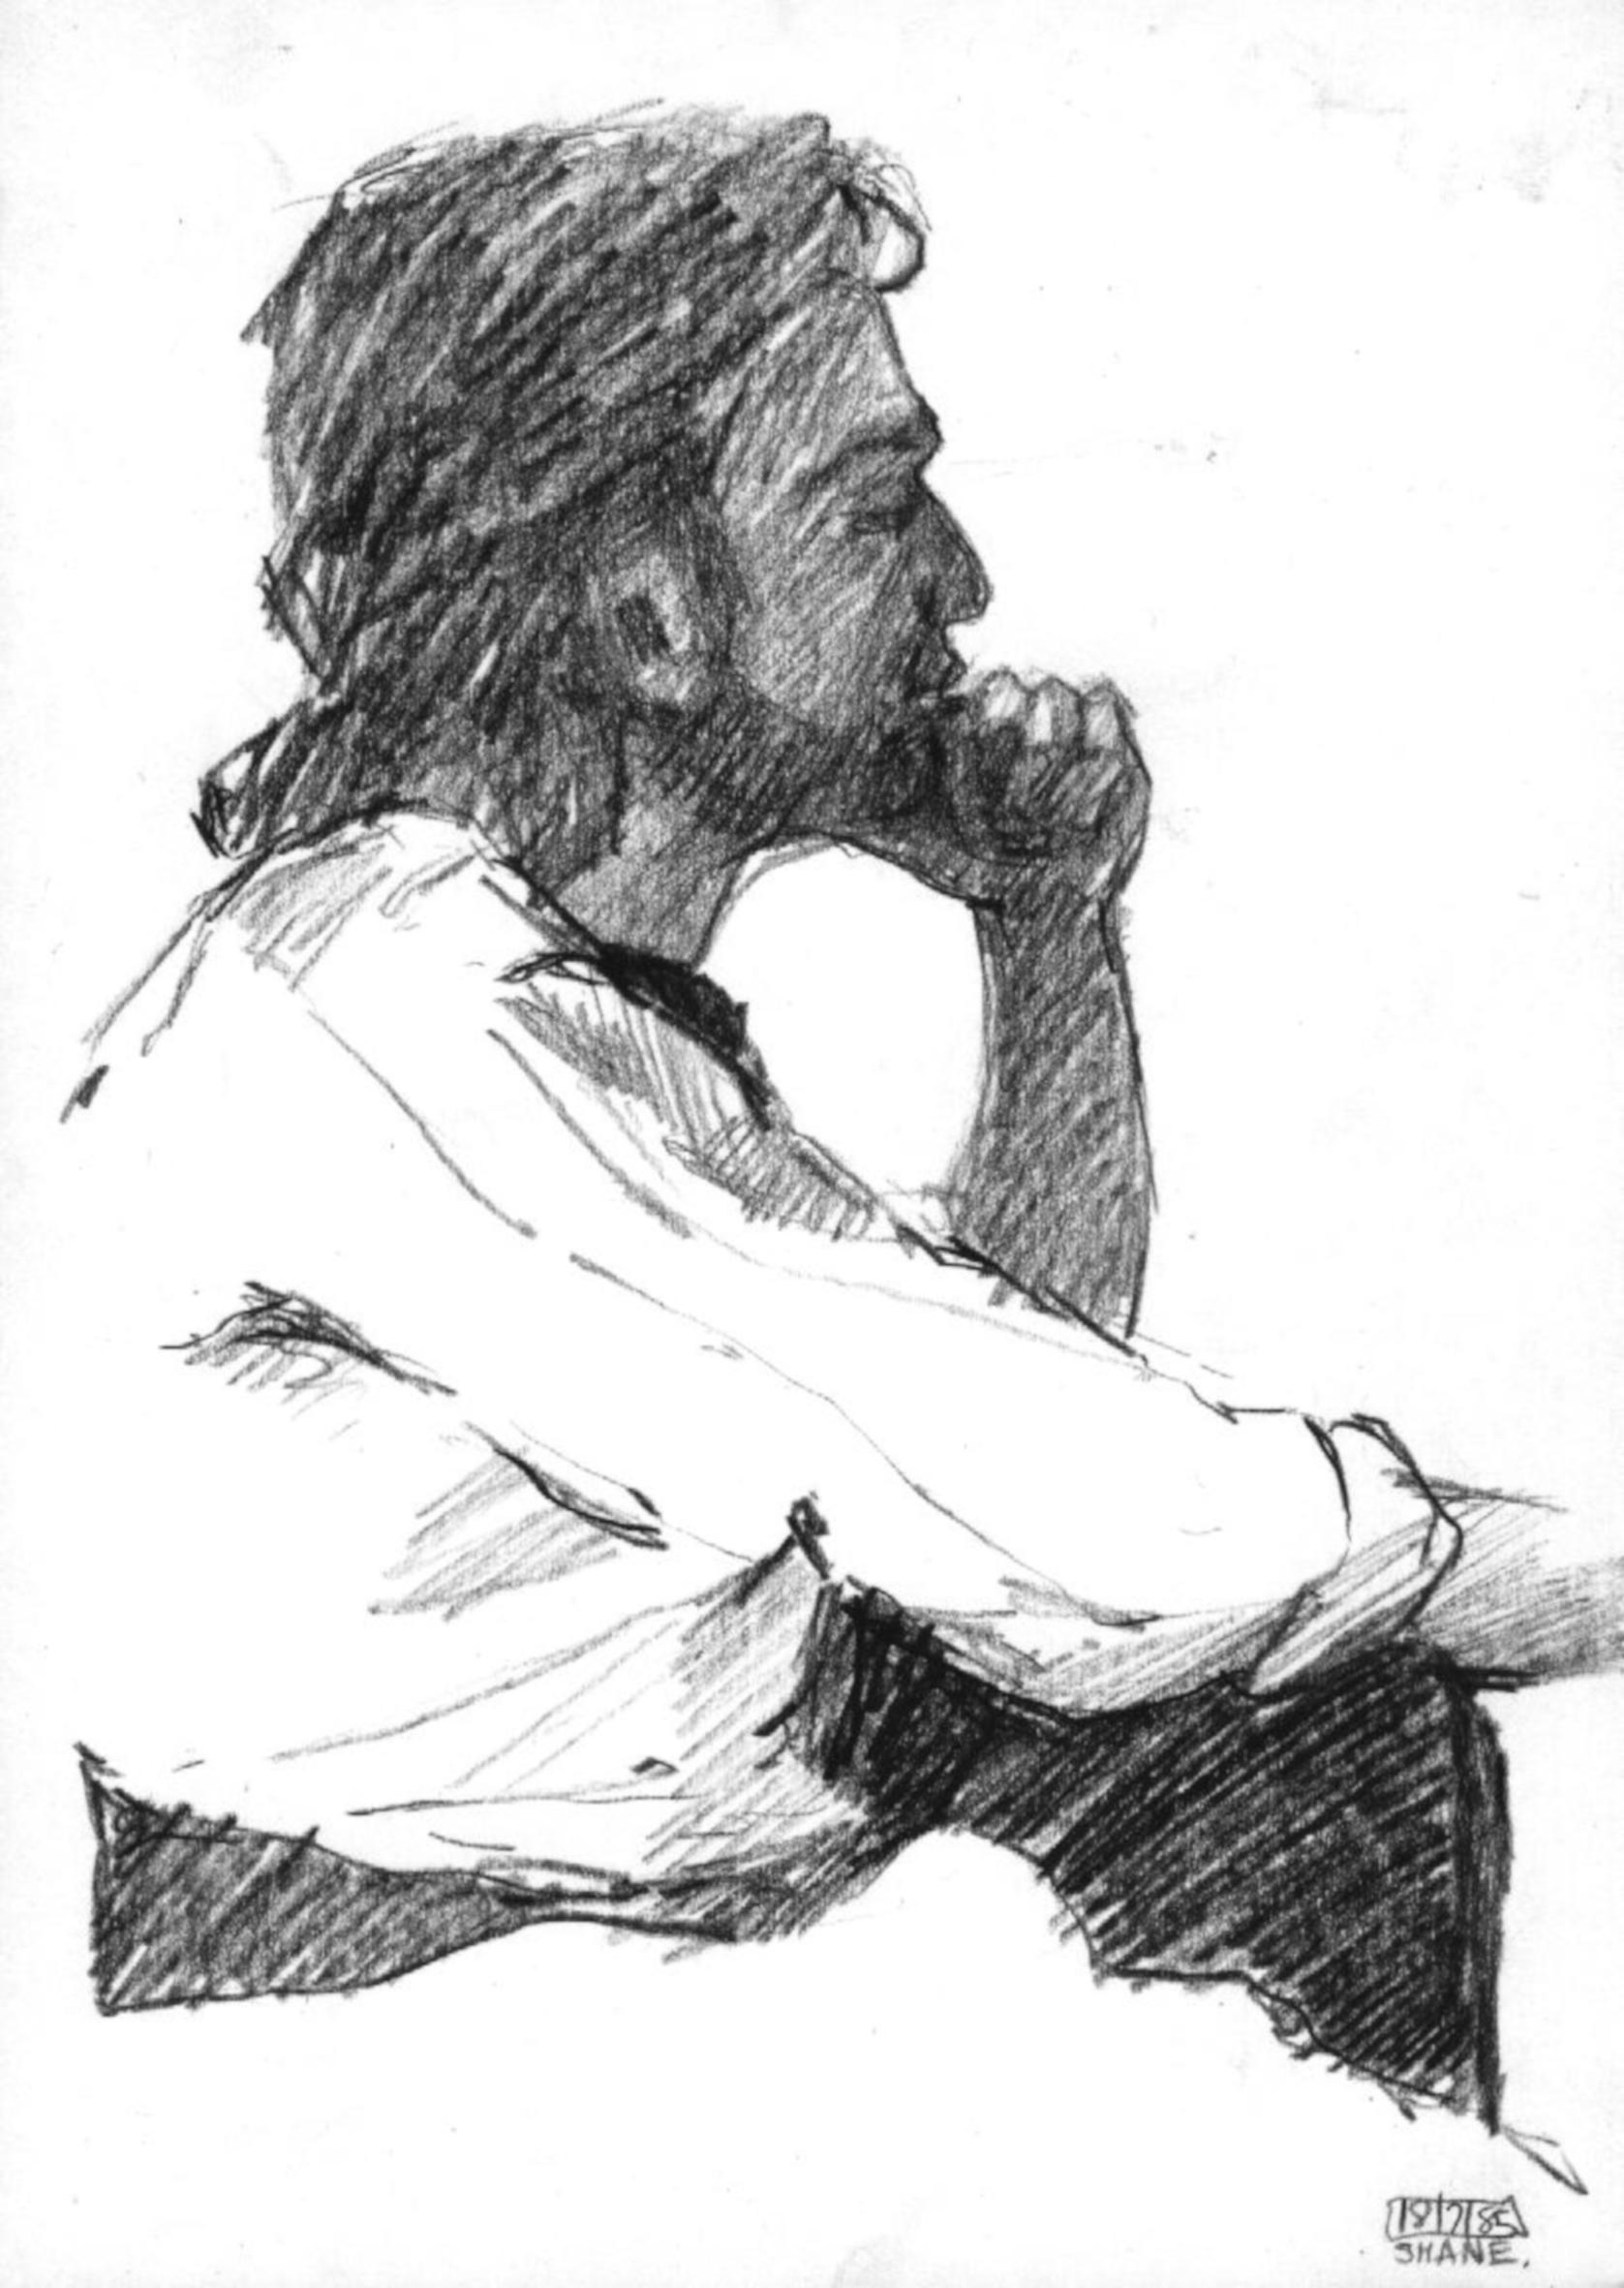 'Shane' c 1989